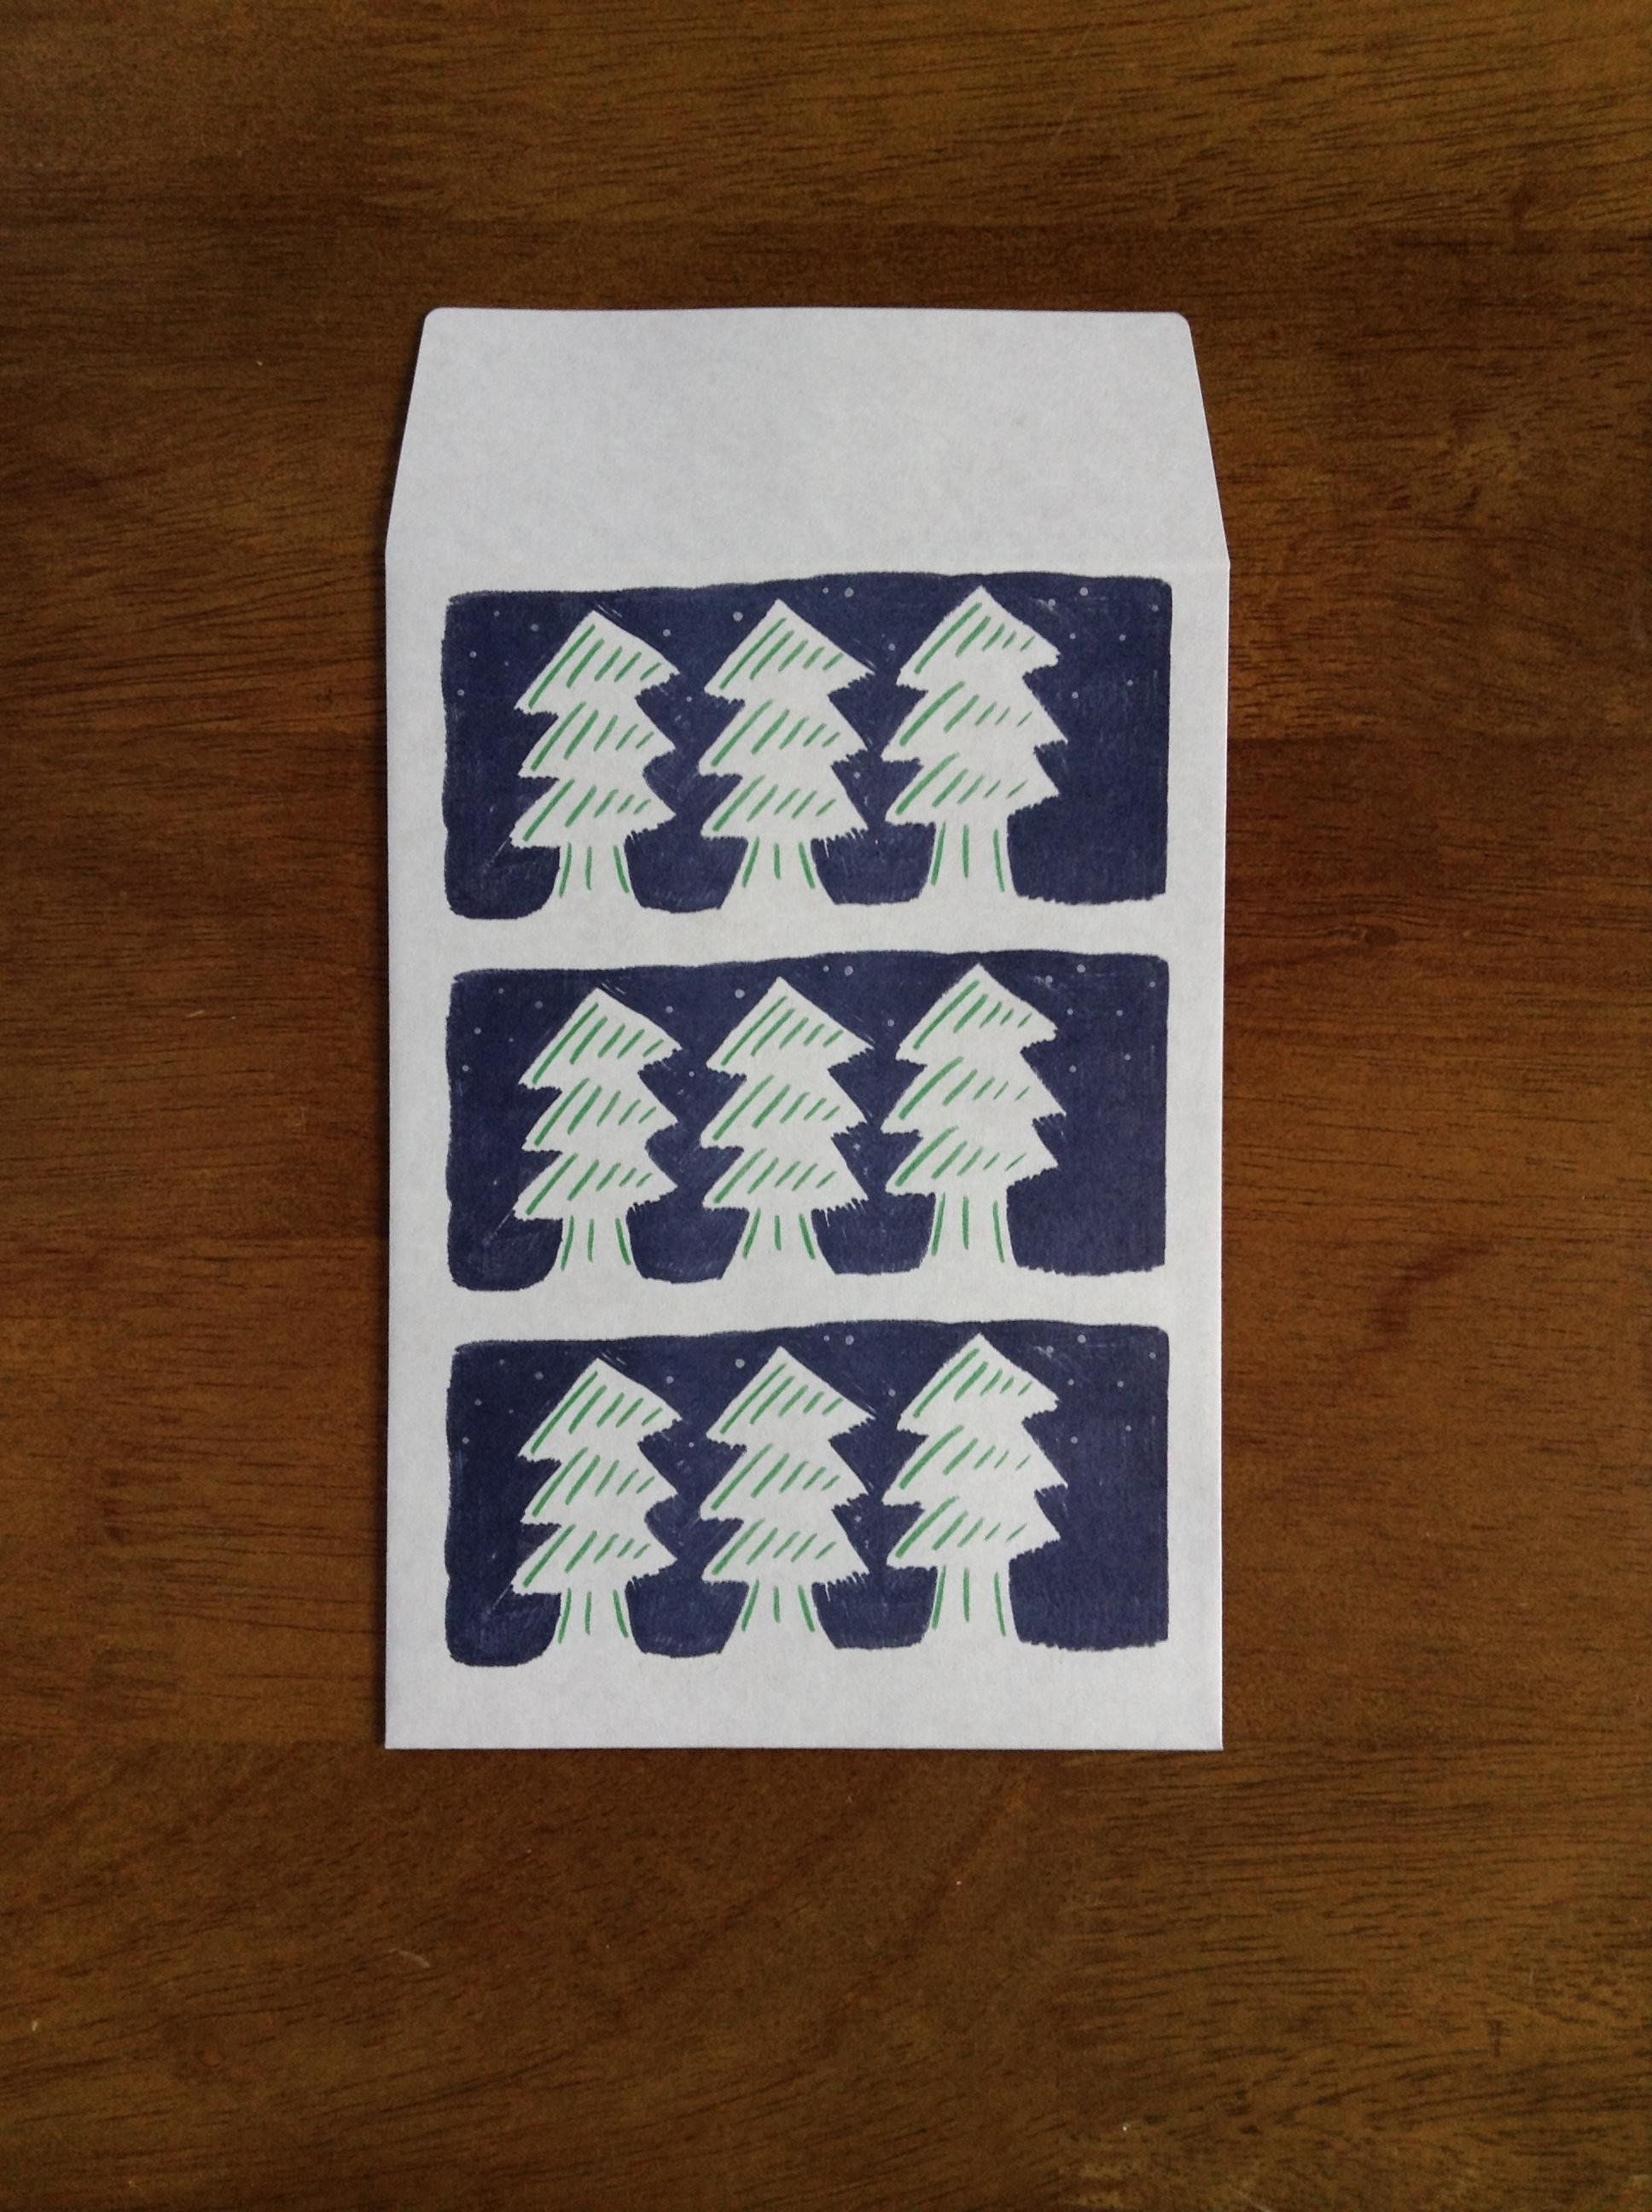 ちょっとした贈り物のラッピングやお手紙に 封筒 森 3枚入り